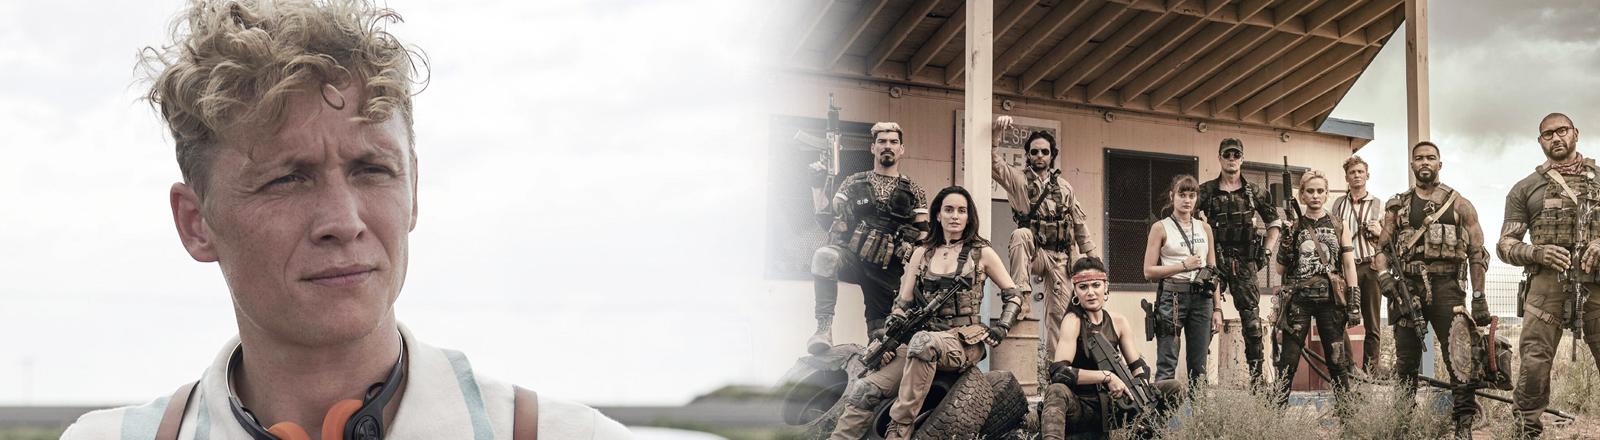 Links: Filmstill mit Matthias Schweighöfer aus Zack Snyders Army of the Dead. rechts: Gruppenbild des Army-of-the-Dead-Hauptcast